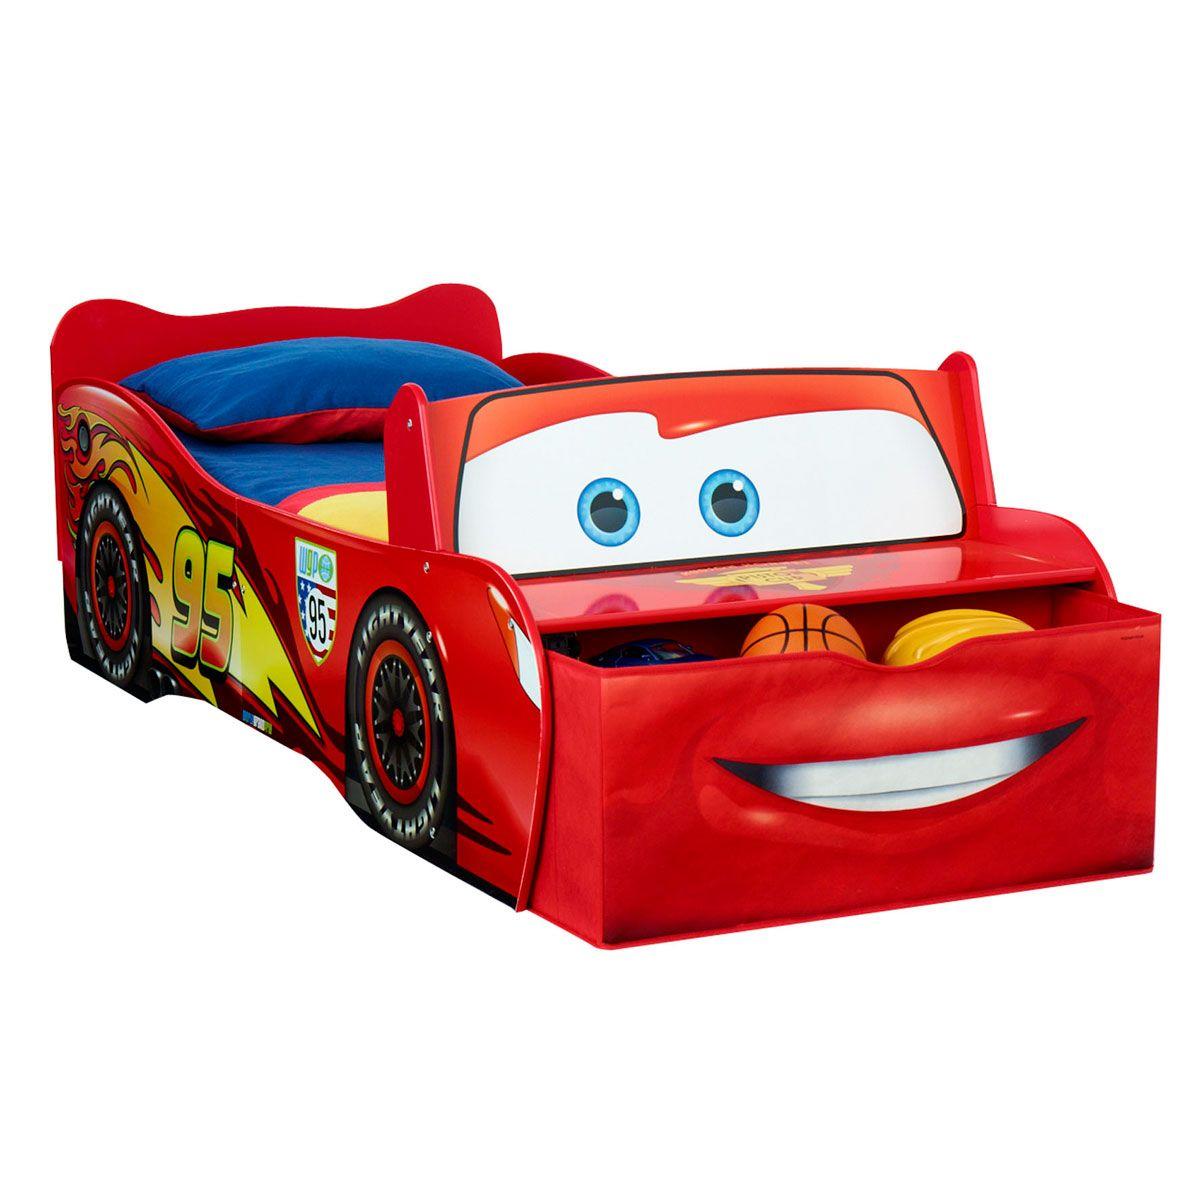 lit enfant lit enfant en bois cars flash mcqueen lit enfant en bois cars flash mcqueen bricolage. Black Bedroom Furniture Sets. Home Design Ideas